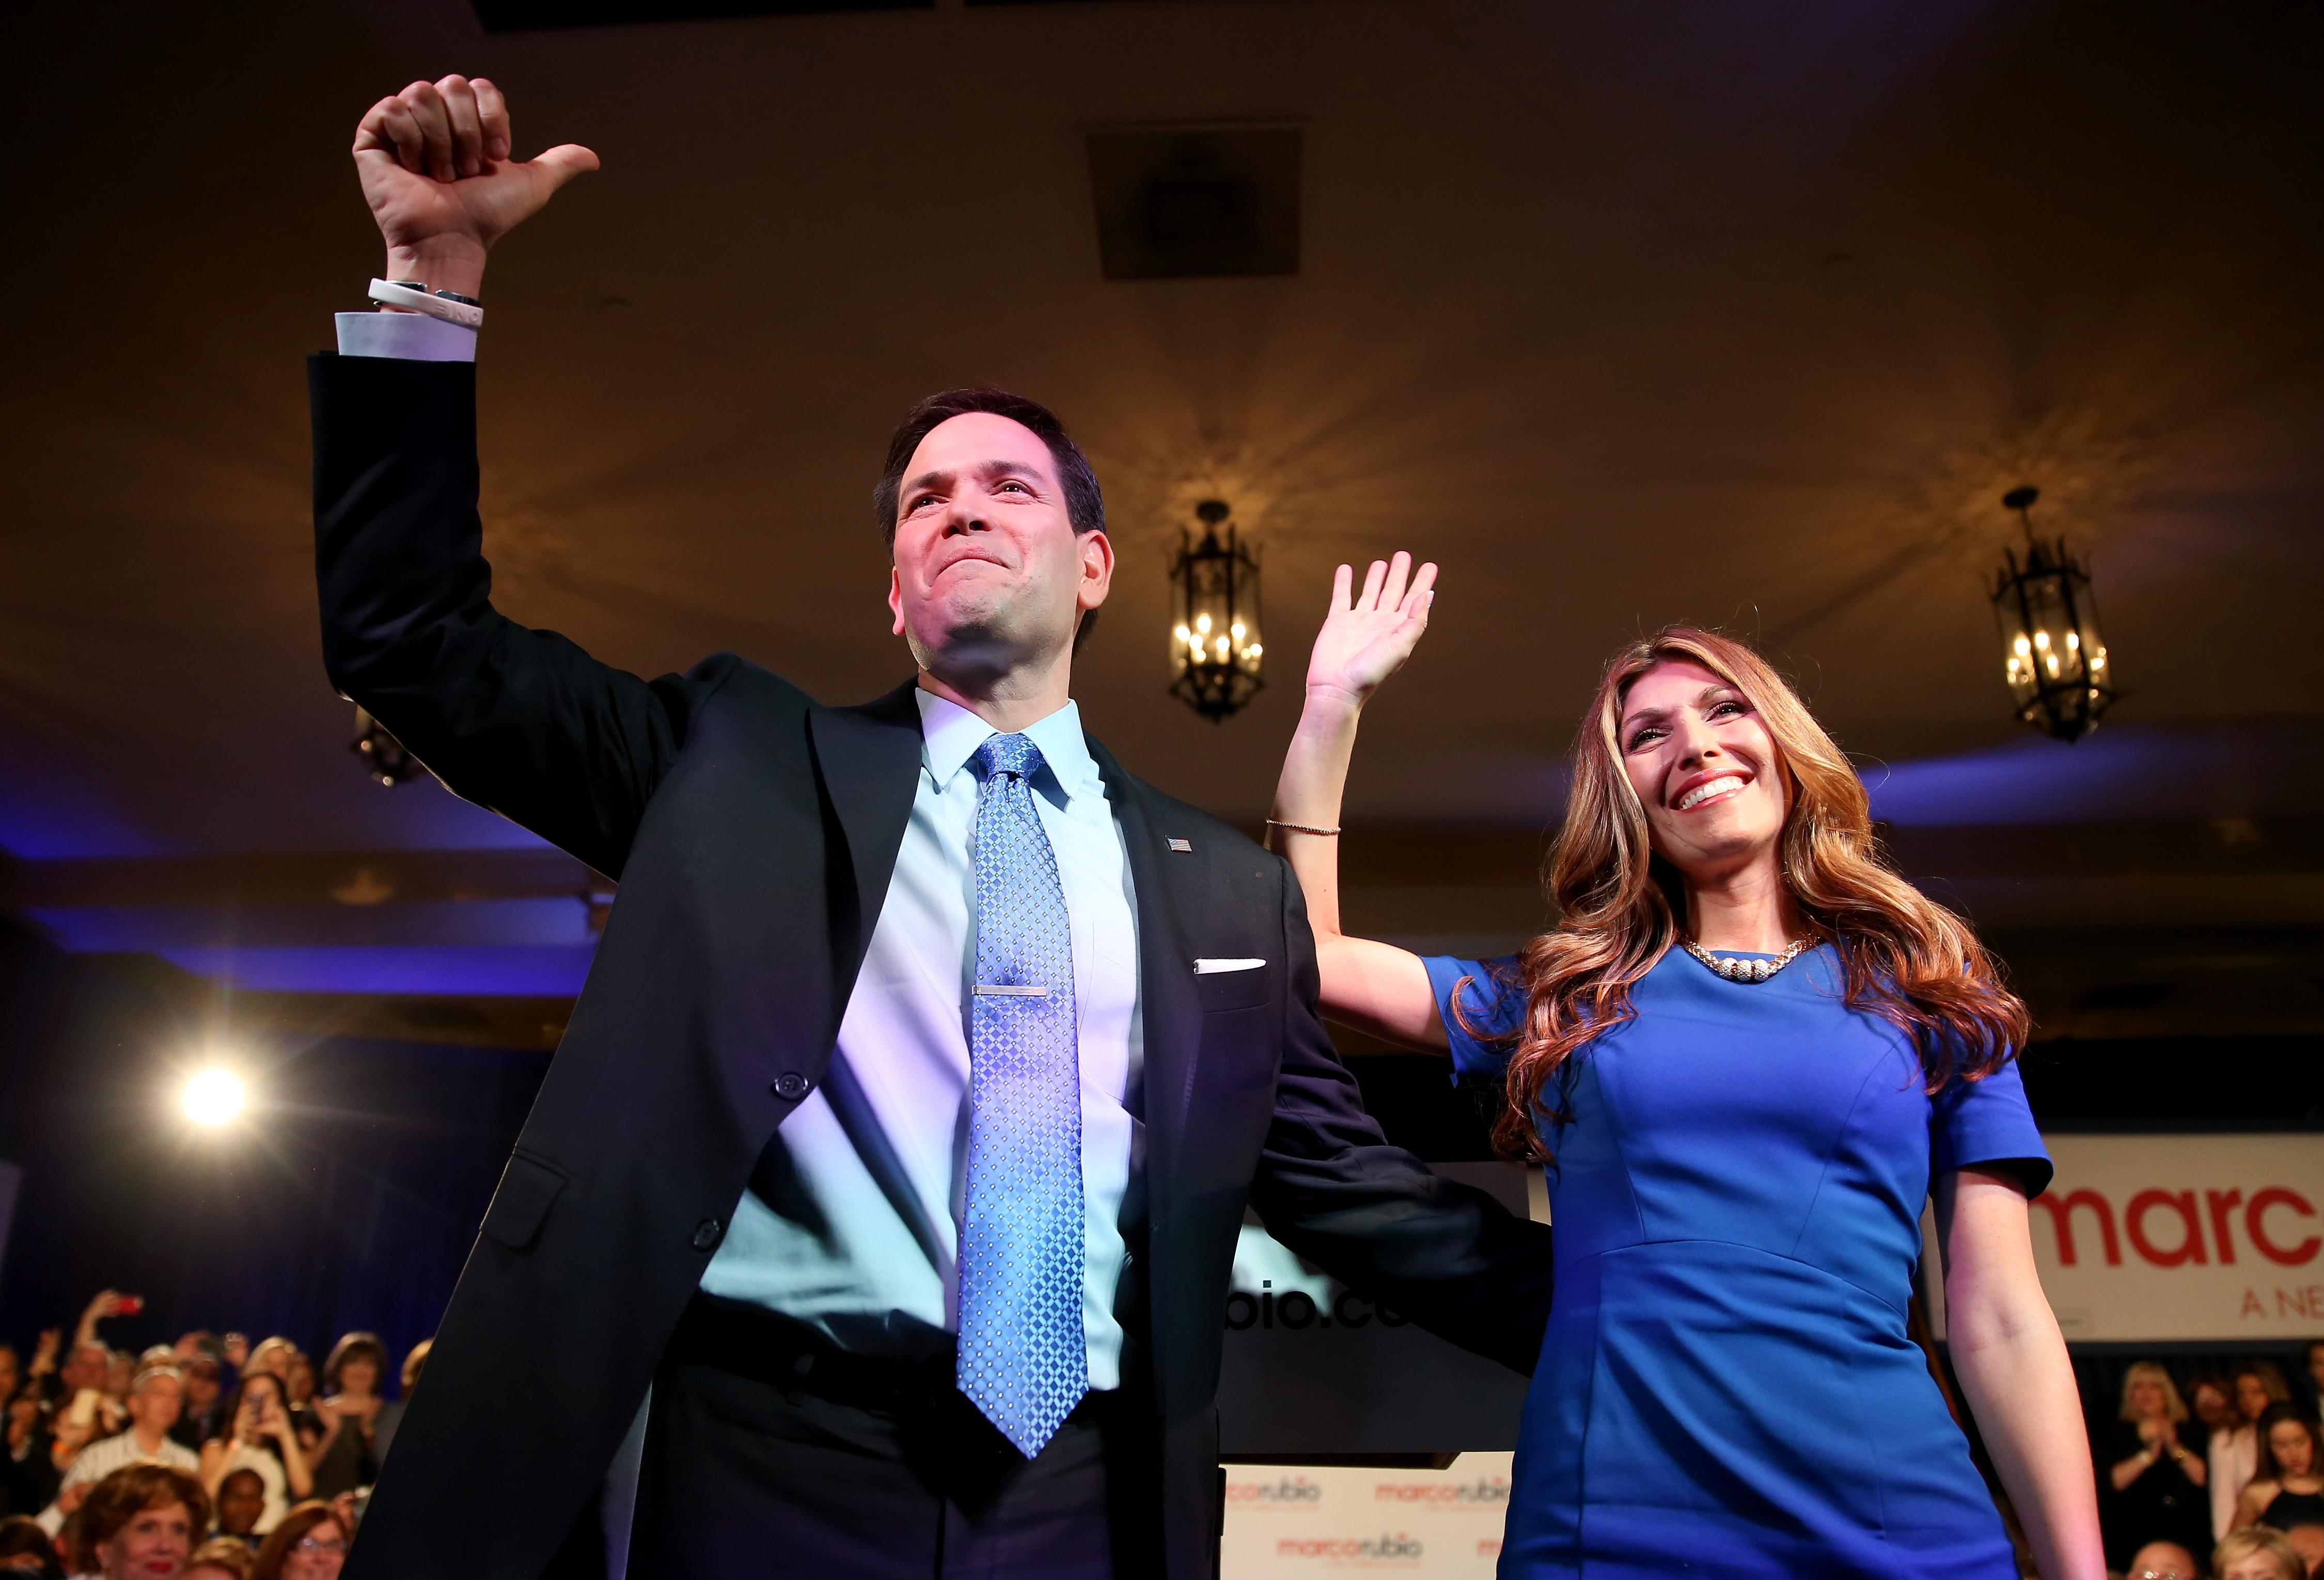 Marco Rubio and Jeanette Rubio on April 13, 2015 in Miami, Florida.